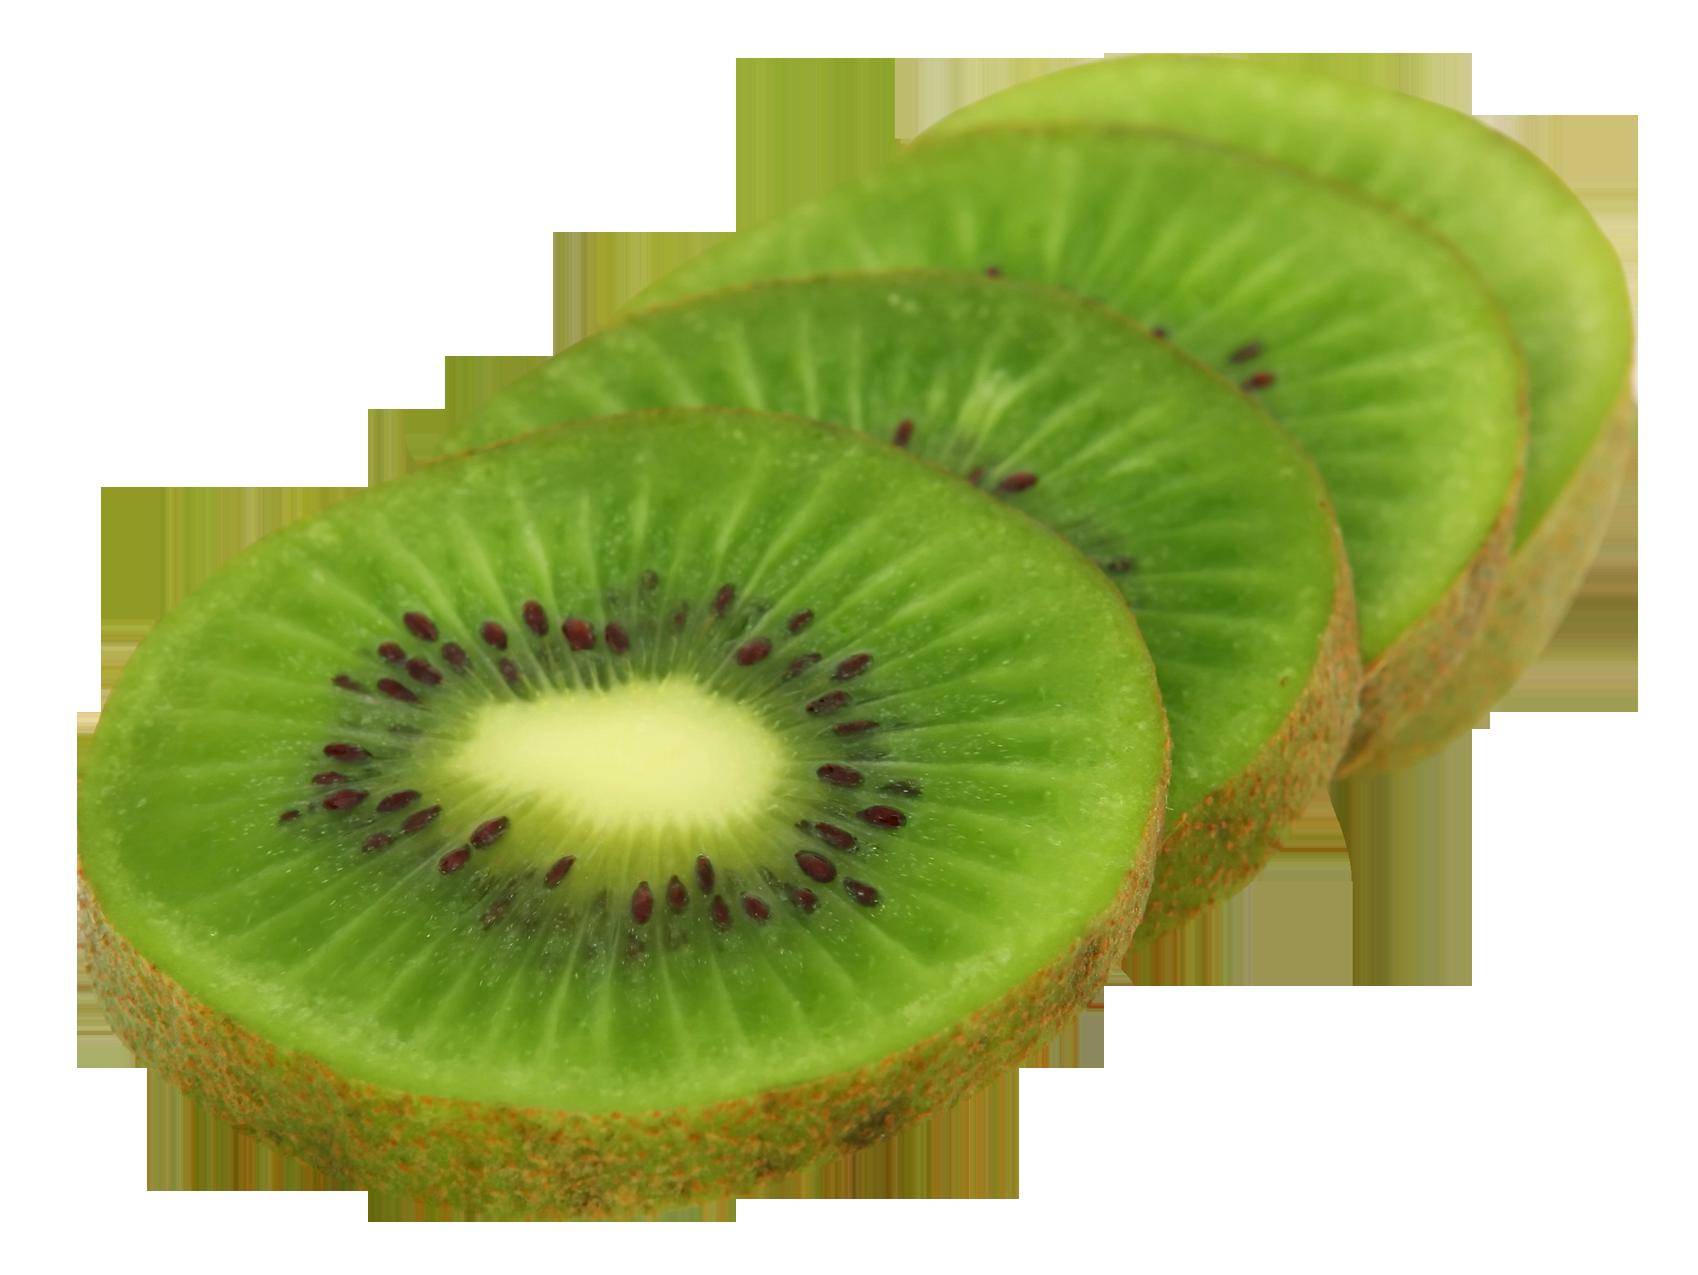 Kiwi Fruit Slice PNG Image.